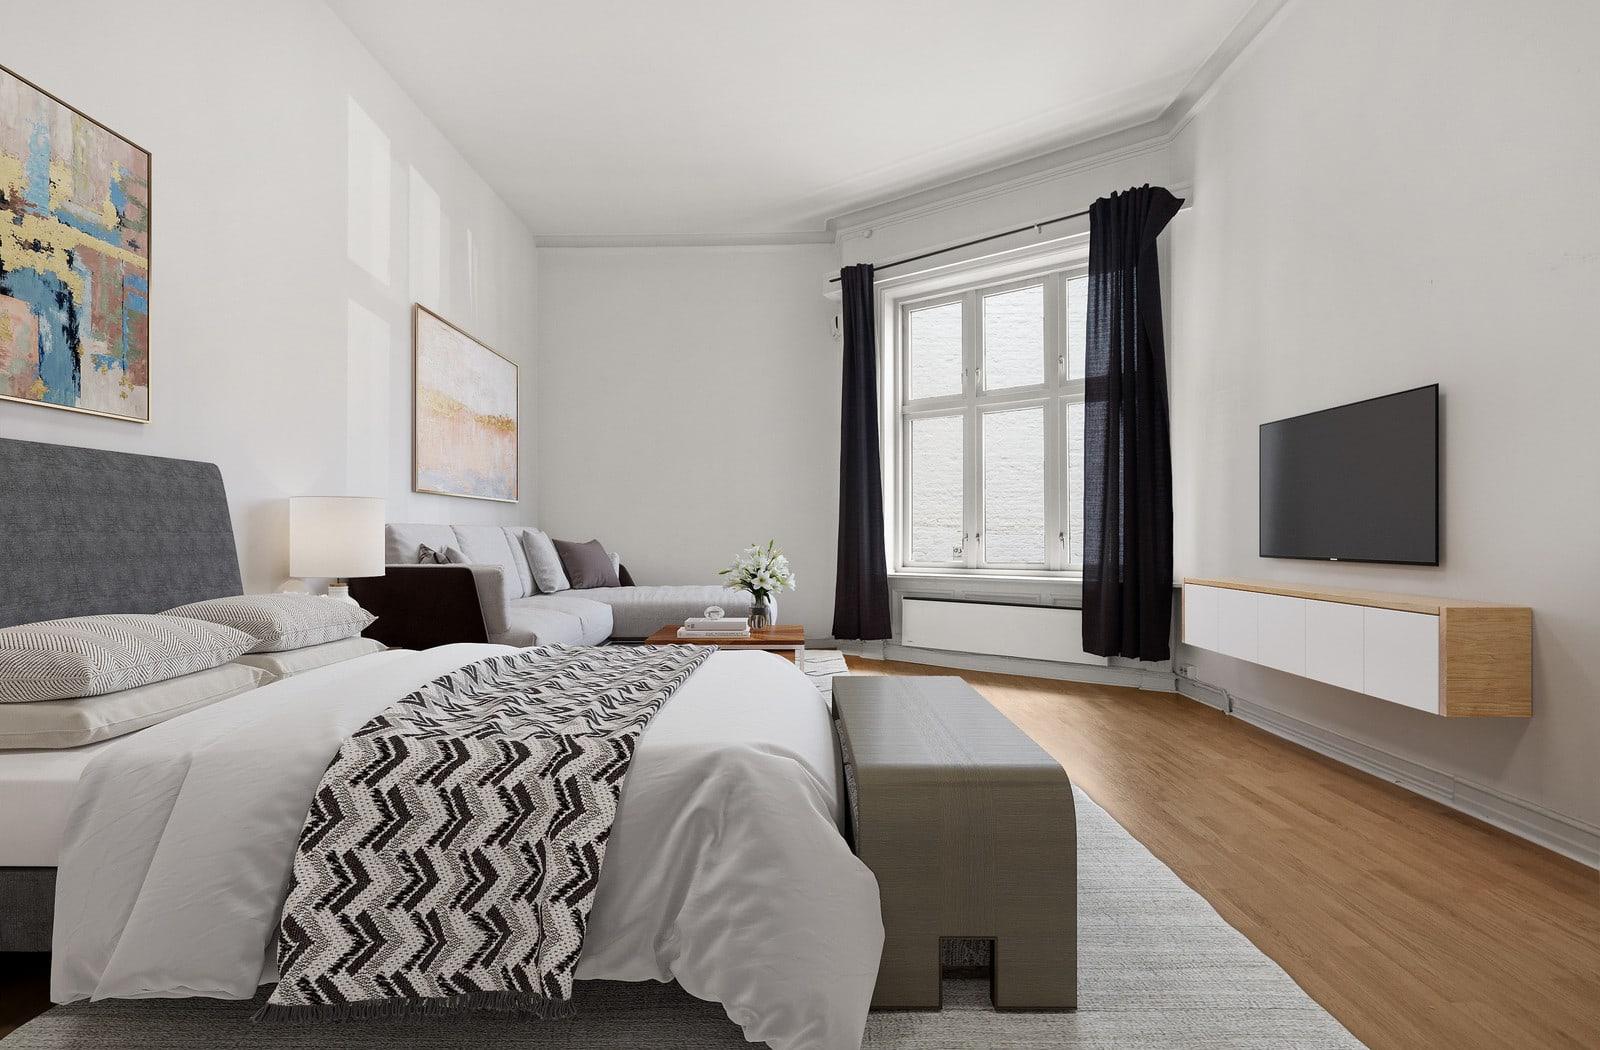 Bilder av tilsvarende rom i 1 etasje uten bad (illustrert møblering)